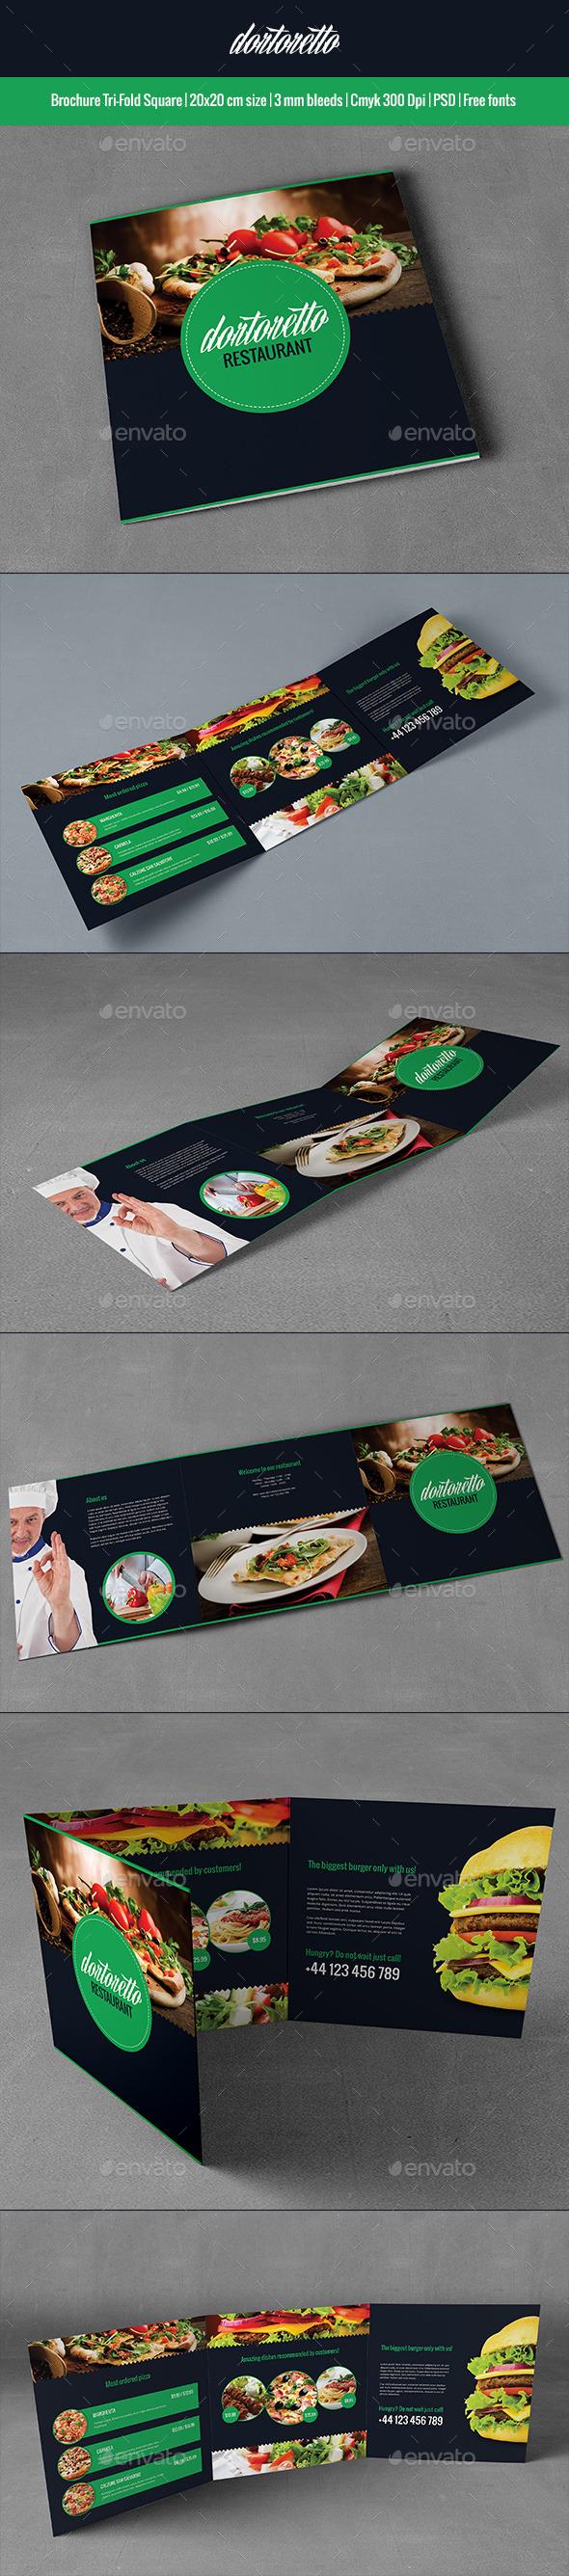 Dortoretto Brochure Tri-Fold Square - Brochures Print Templates